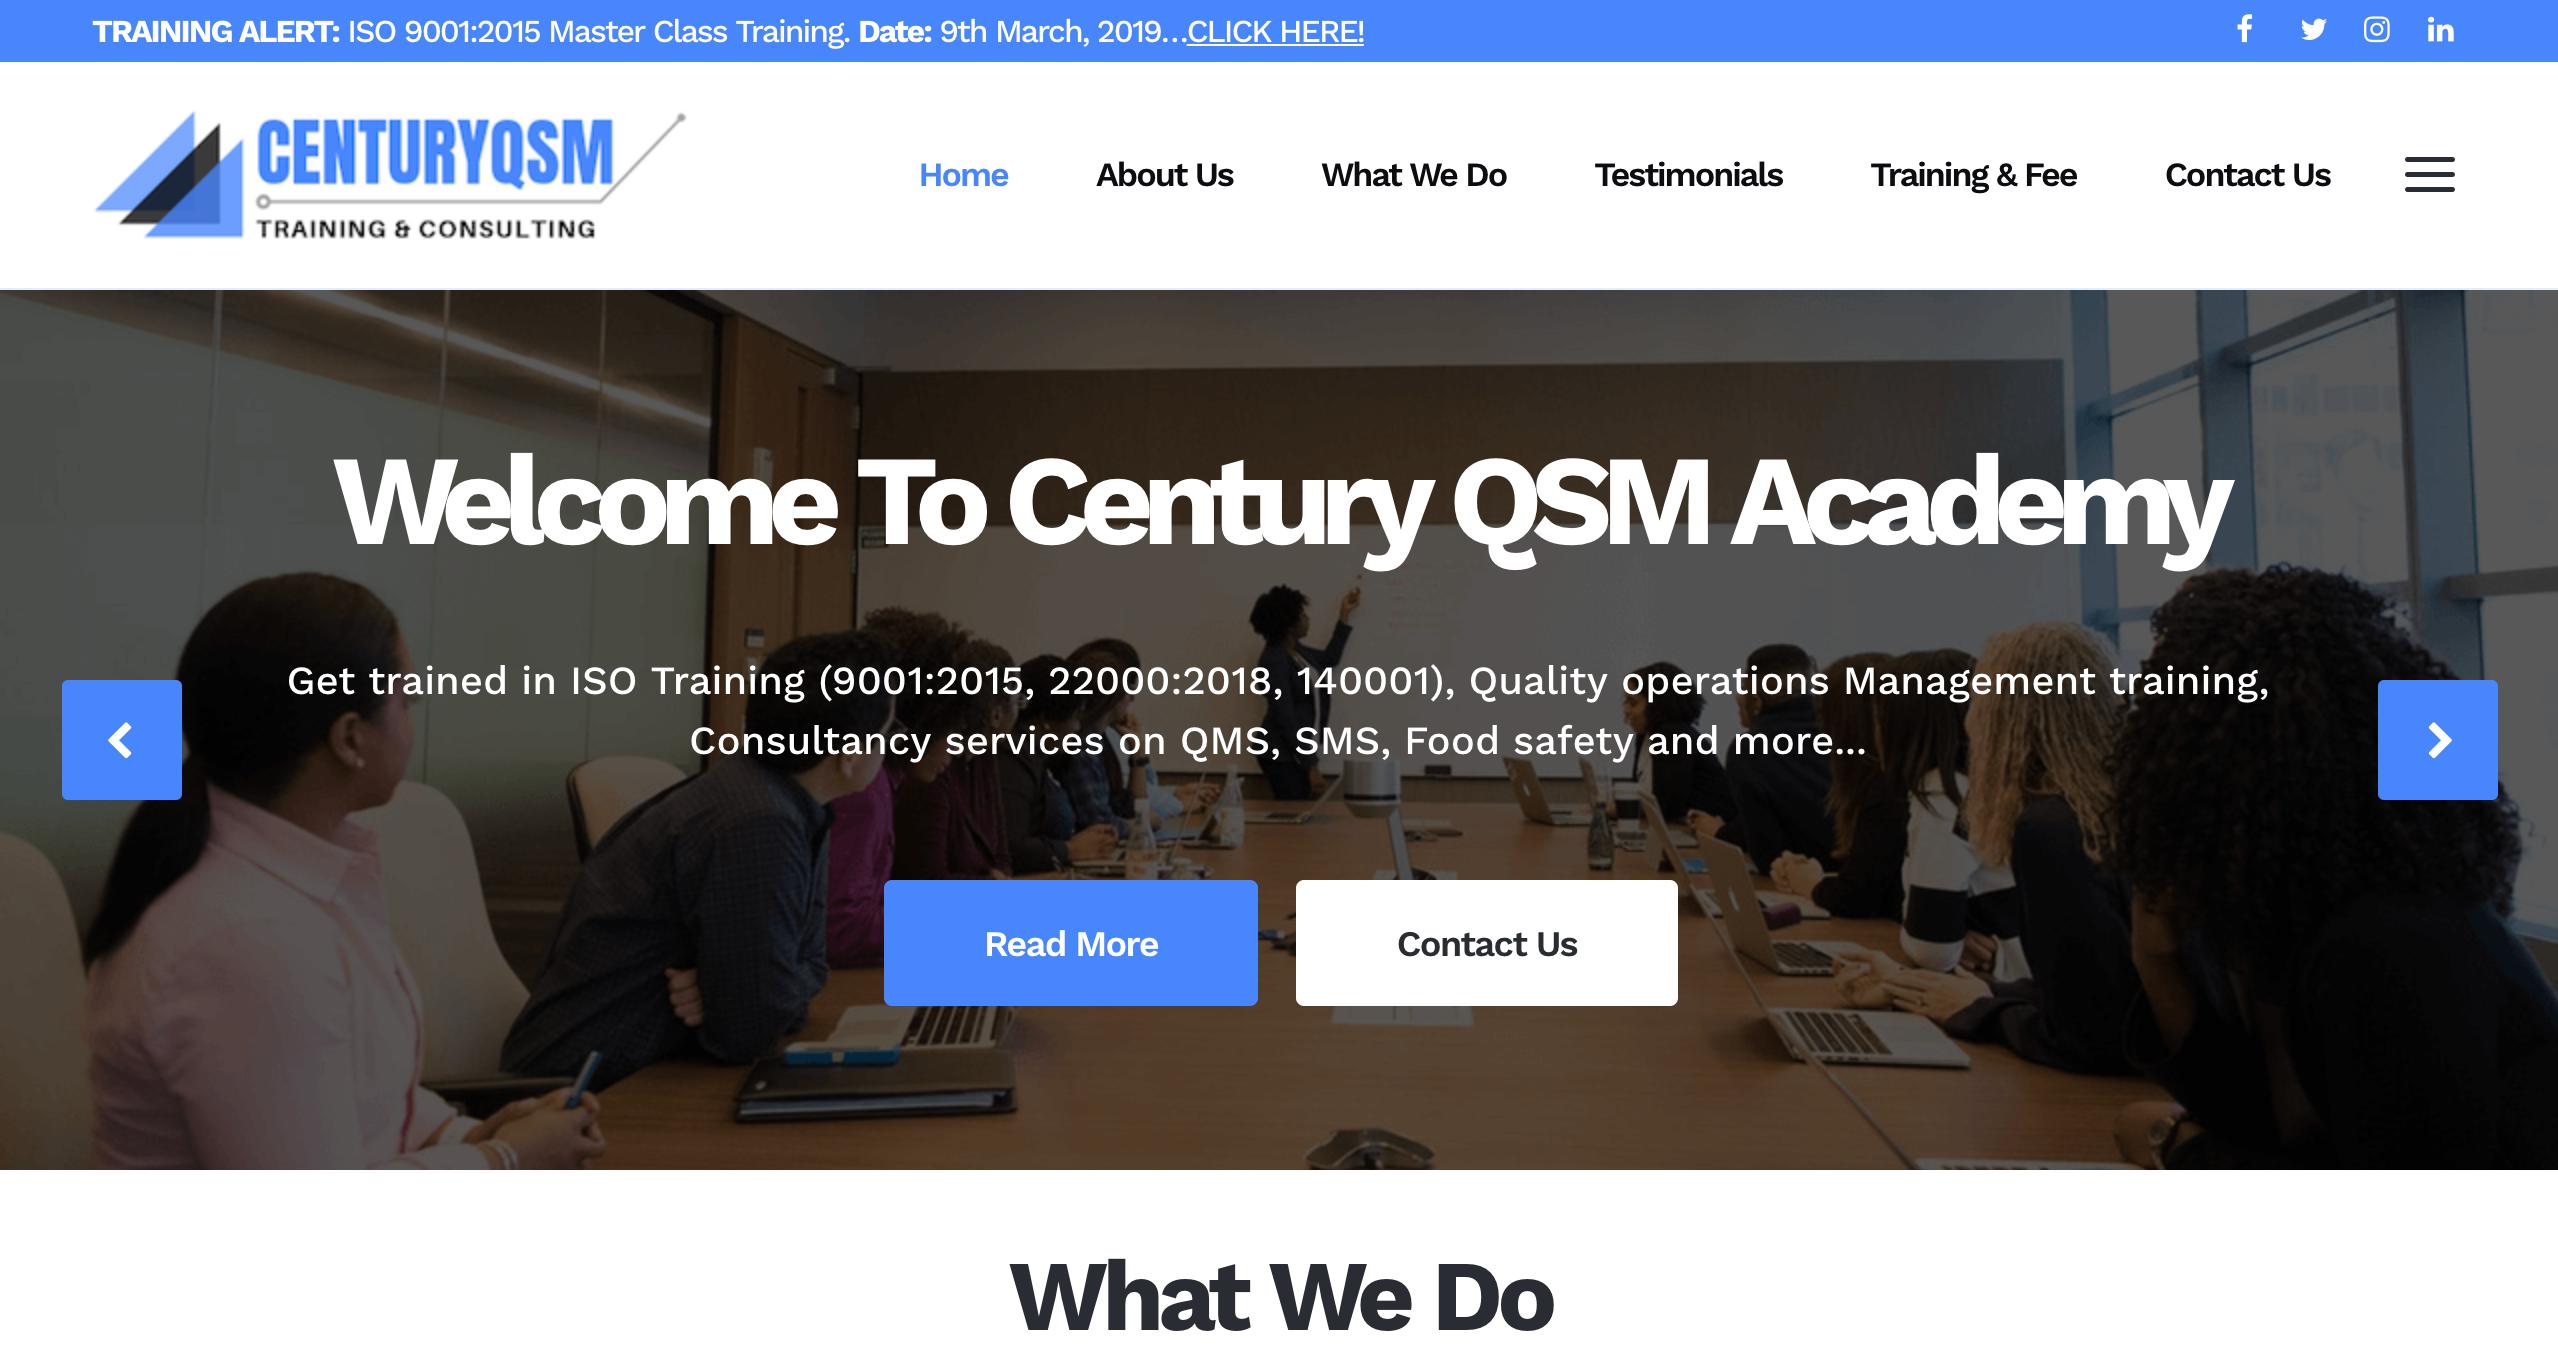 Century QSM